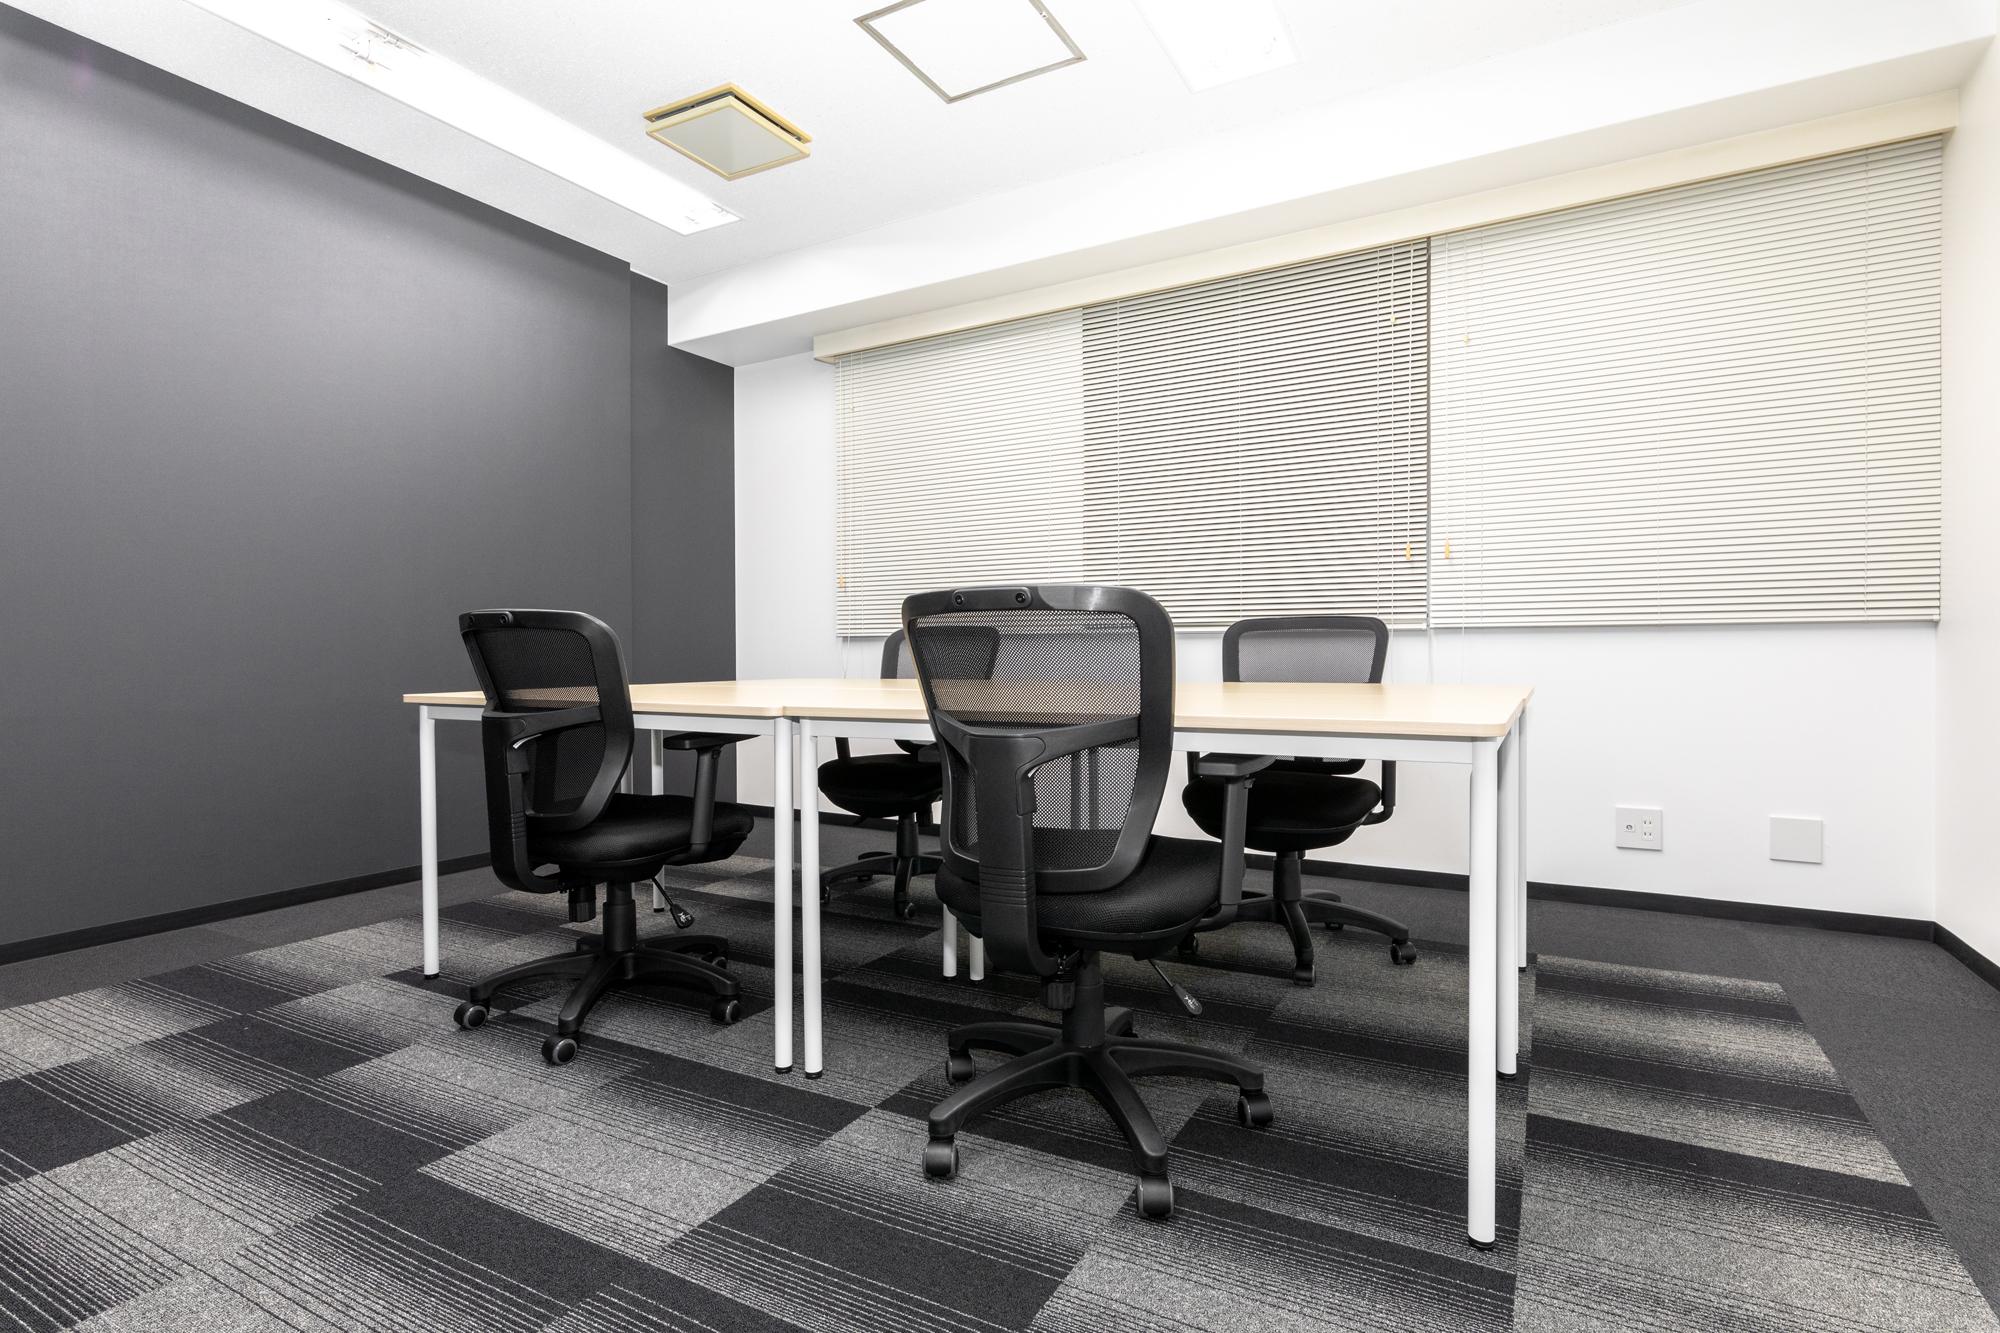 窓付きで開放的な完全個室オフィス!空調も各部屋で調整可能です